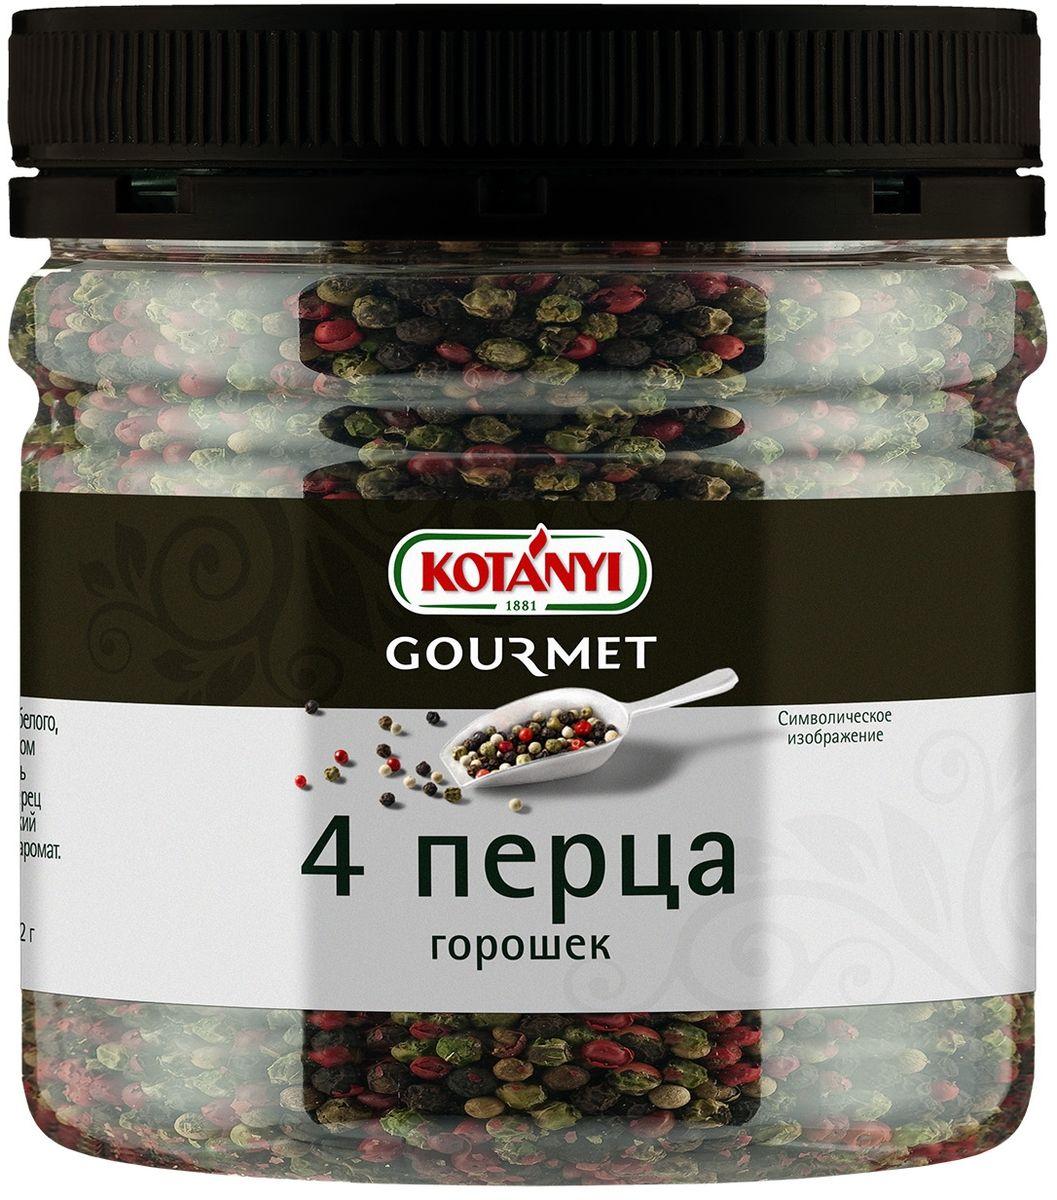 Kotanyi 4 перца, 170 г7343114 перца KotanyI - это настоящее кулинарное сокровище! Яркая, острая, обладающая великолепным ароматом, эта смесь перцев идеально подходит как для заправки, так и для украшения разнообразных блюд. Это классическая смесь черного, белого, зеленого и так называемого розового перца, который на самом деле является плодами дерева Шинус. Черный перец – очень ароматная специя с острым вкусом, в то время как белый перец обладает более мягким вкусом. Зеленый перец придает тонкий пряный аромат. Розовый перец имеет мягкий вкус и легкий аромат. Внимание! Может содержать следы глютеносодержащих злаков, яиц, сои, сельдерея, кунжута, орехов, молока (лактозы), горчицы.